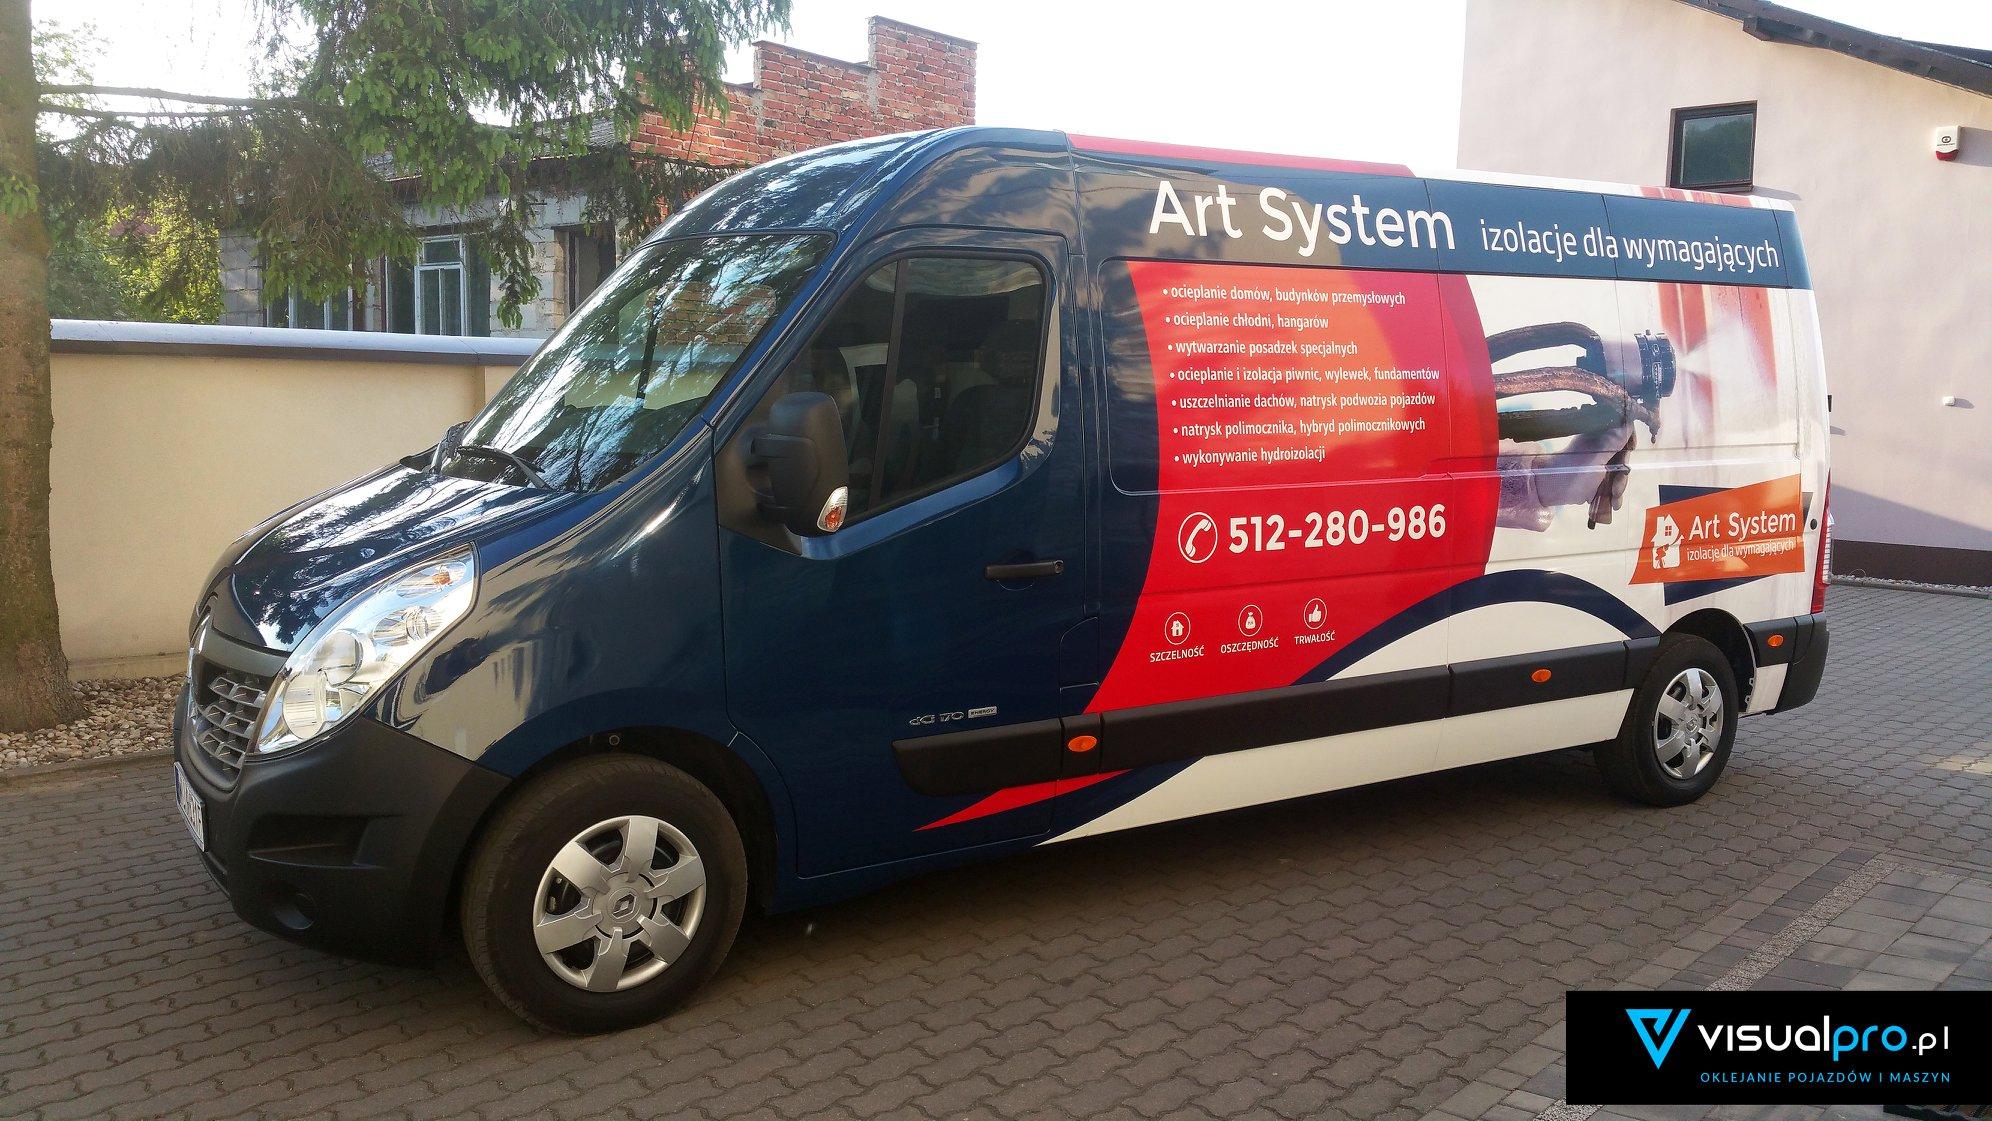 Reklama Na Samochodzie Art System